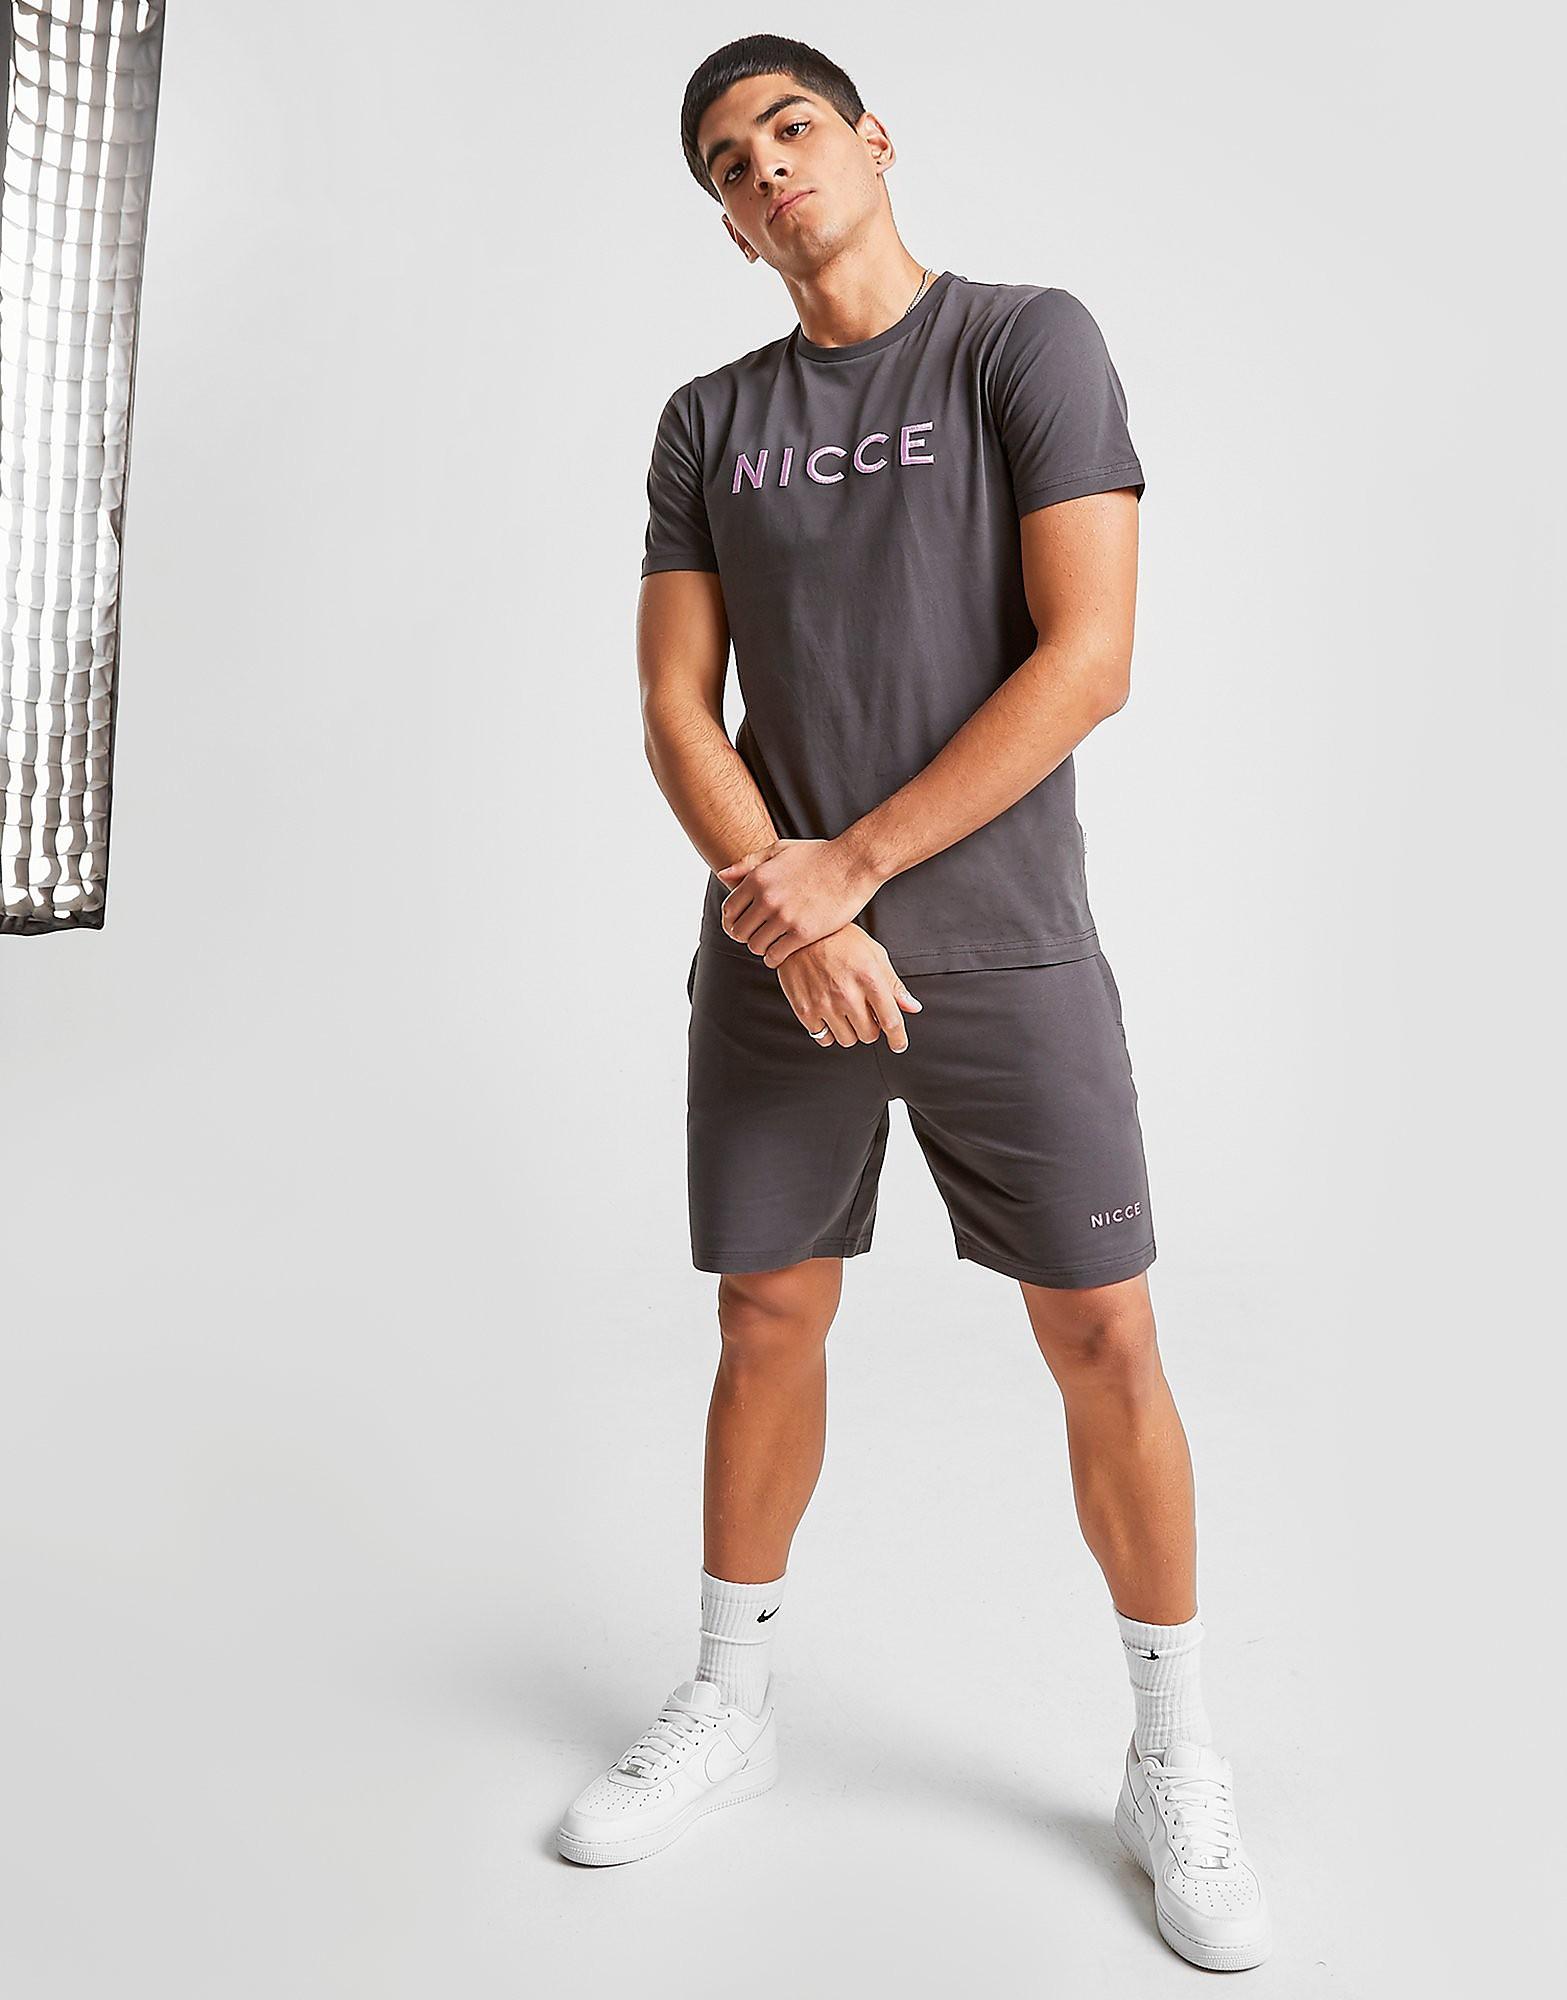 Nicce Steel Shorts Heren - Grijs - Heren